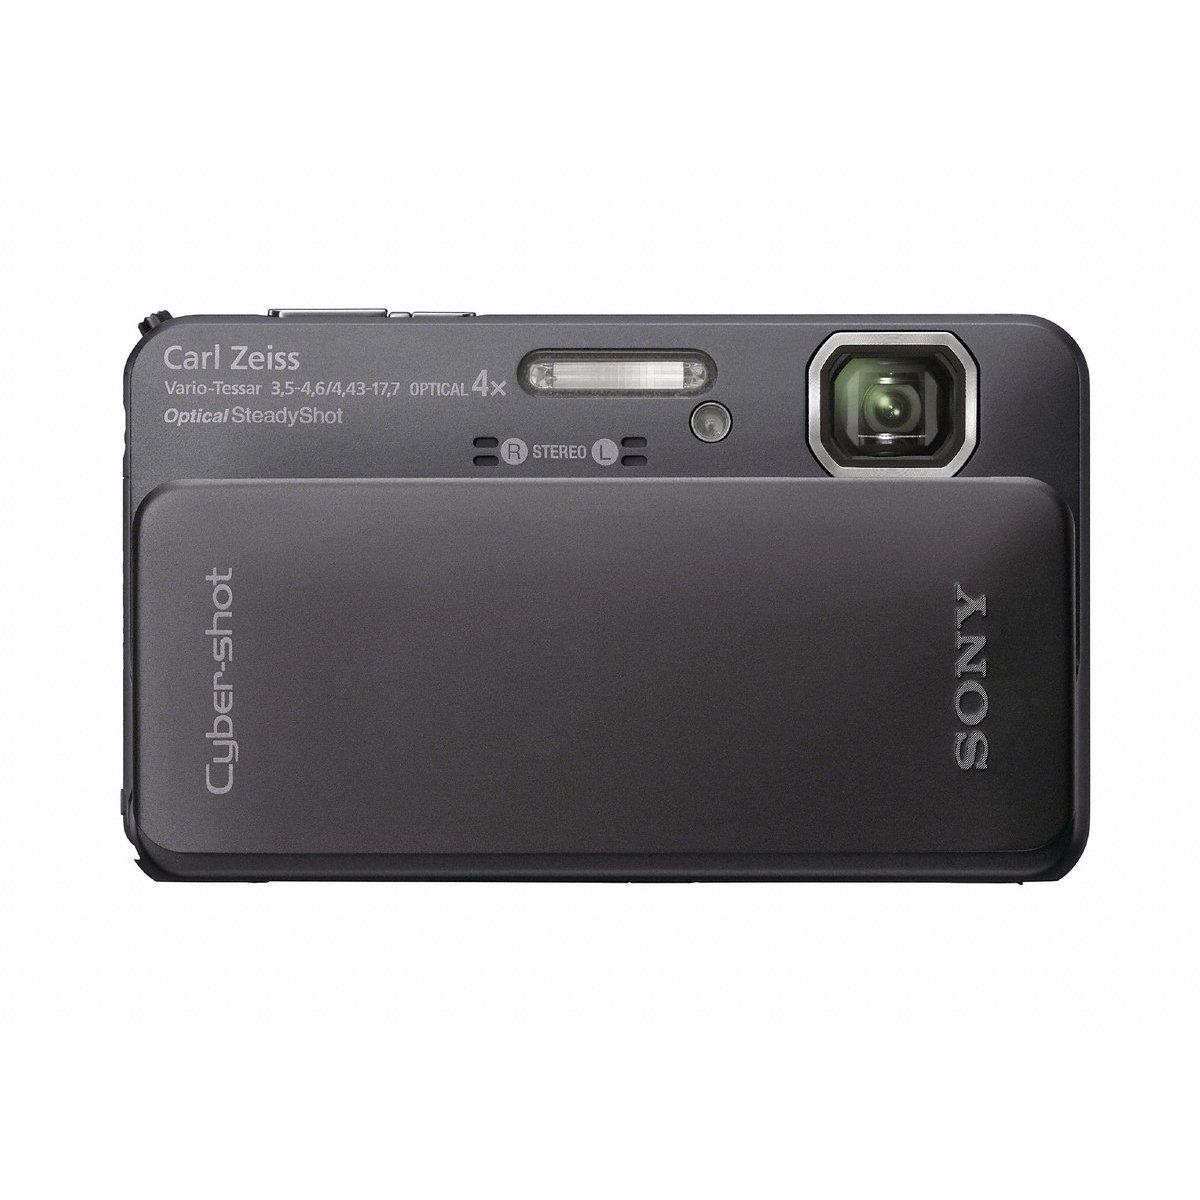 Sony Cyber-Shot DSC-TX10 16.2 MP Waterproof Digital Camera